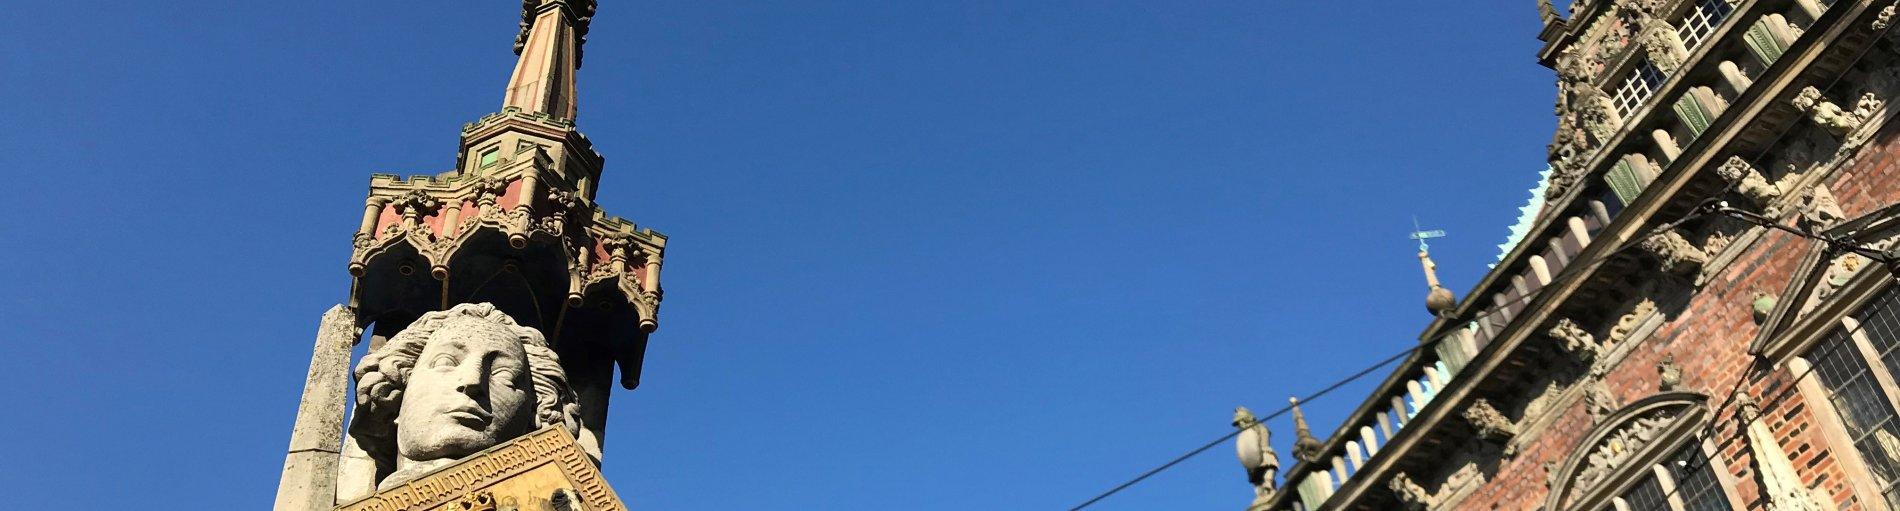 Der Kopf der Rolandstatue und eine Ecke des Rathausdaches bei blauem Himmel